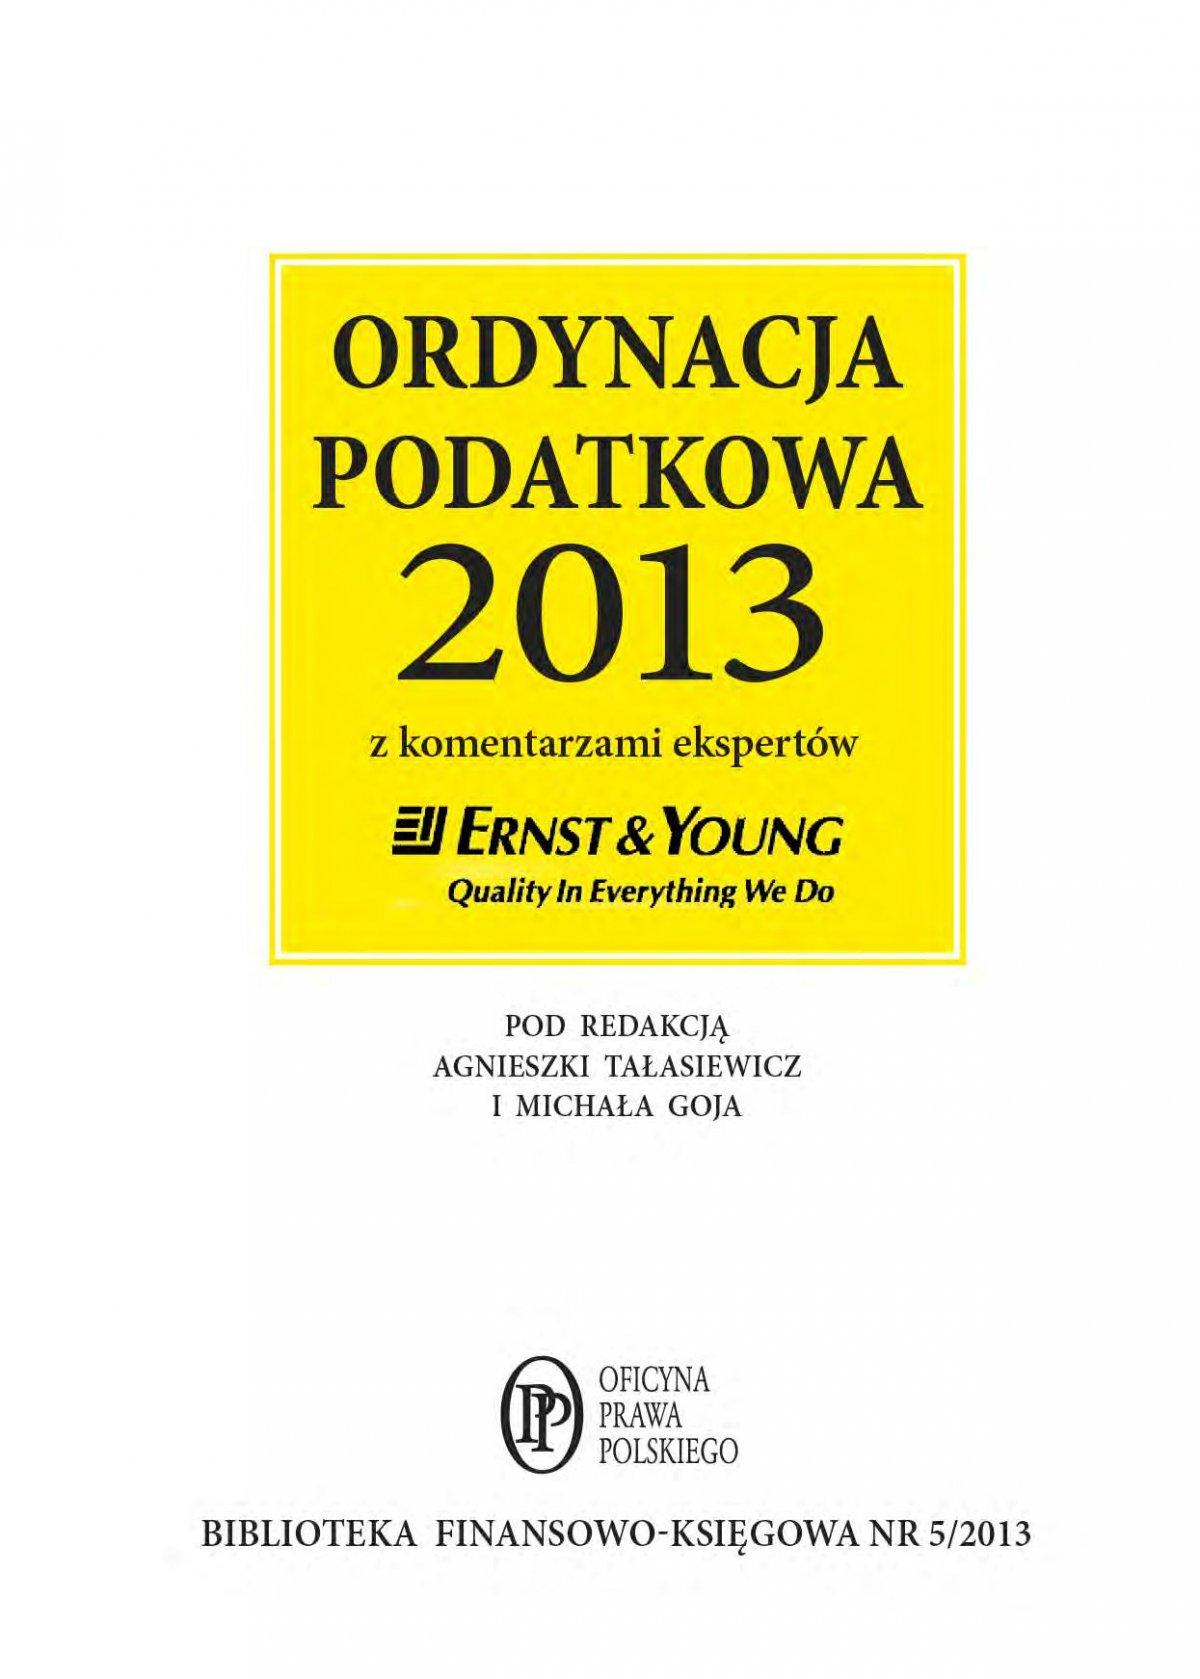 Ordynacja podatkowa 2013 wraz z komentarzem ekspertów Ernst & Young - Ebook (Książka PDF) do pobrania w formacie PDF